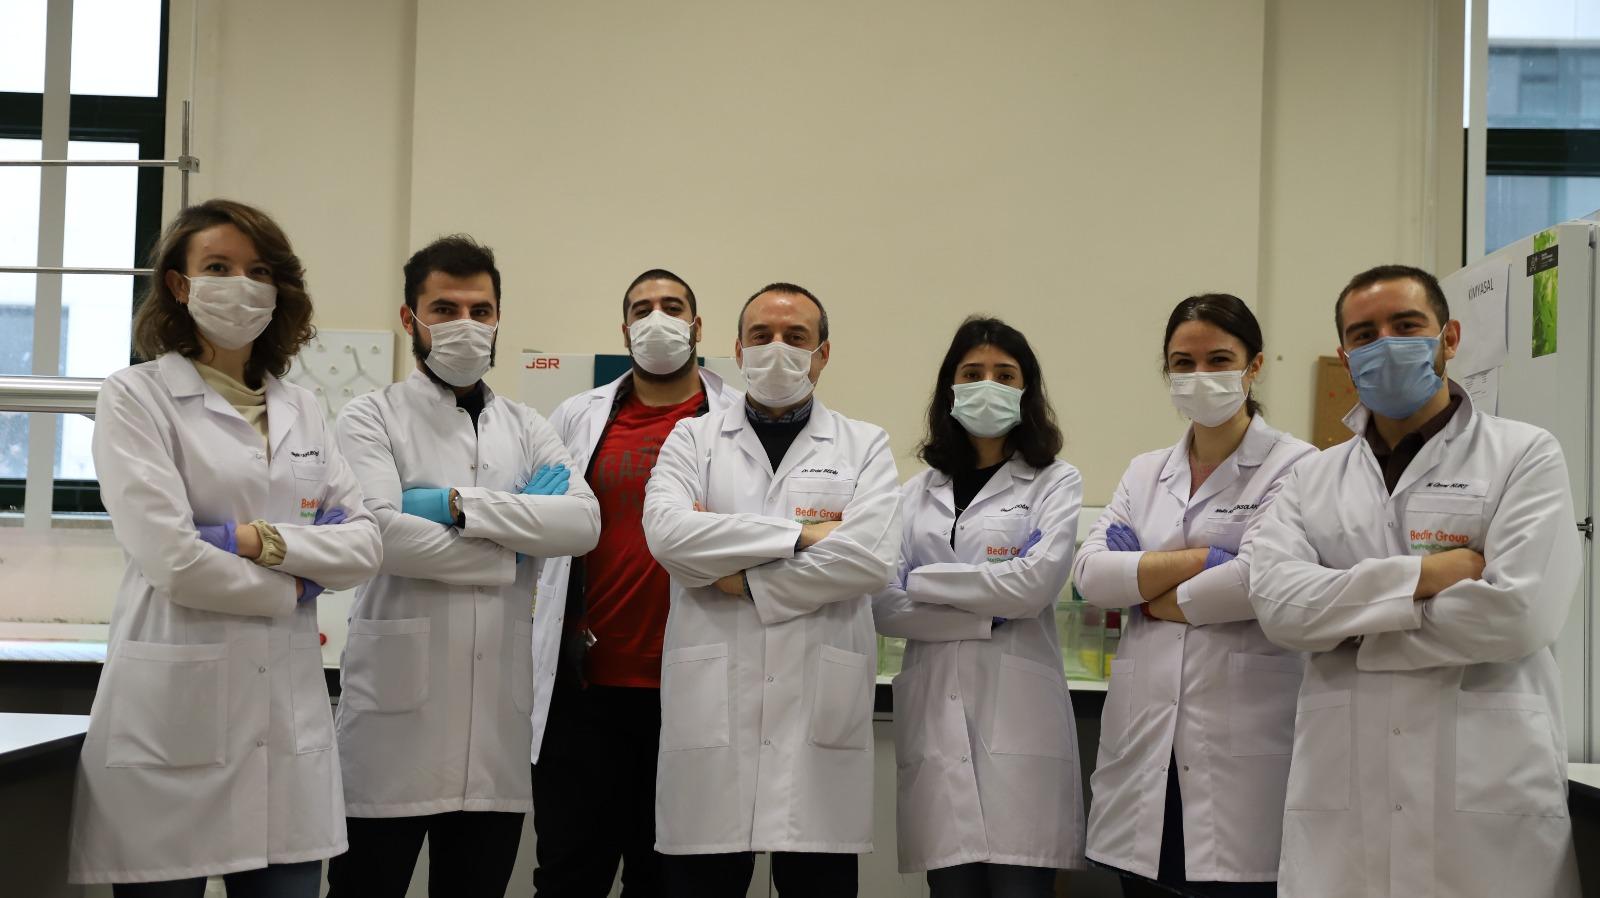 İYTE'li Araştırmacılar, Geven Otundan Elde Edilen Molekül Buluşuyla Patent Aldılar